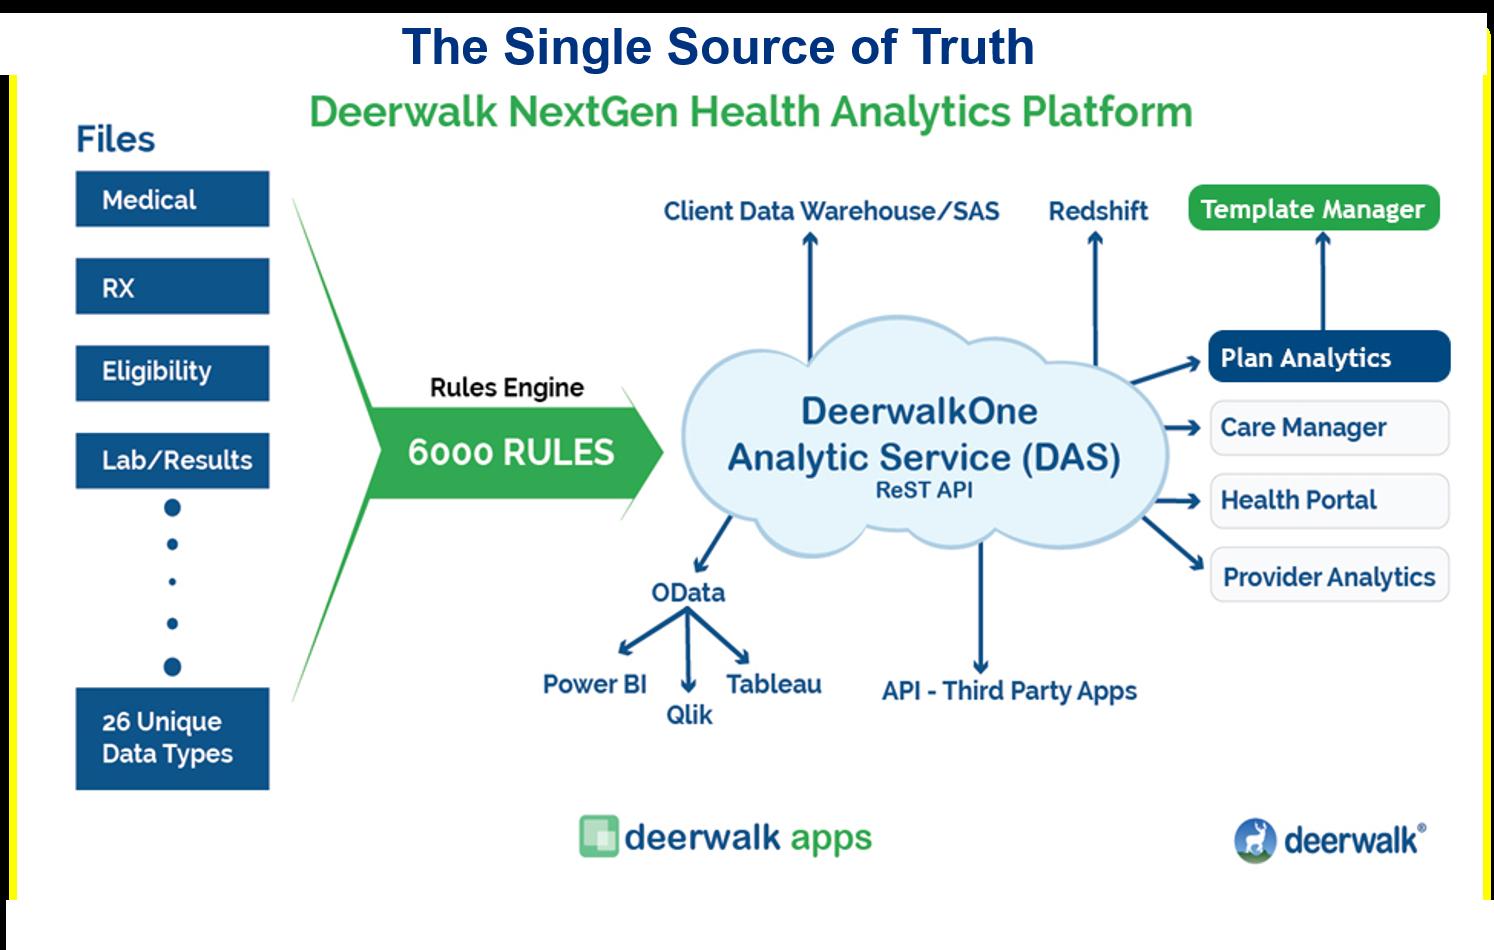 Deerwalk_Next_Gen_Platform_-_Single_Source_of_Truth.png